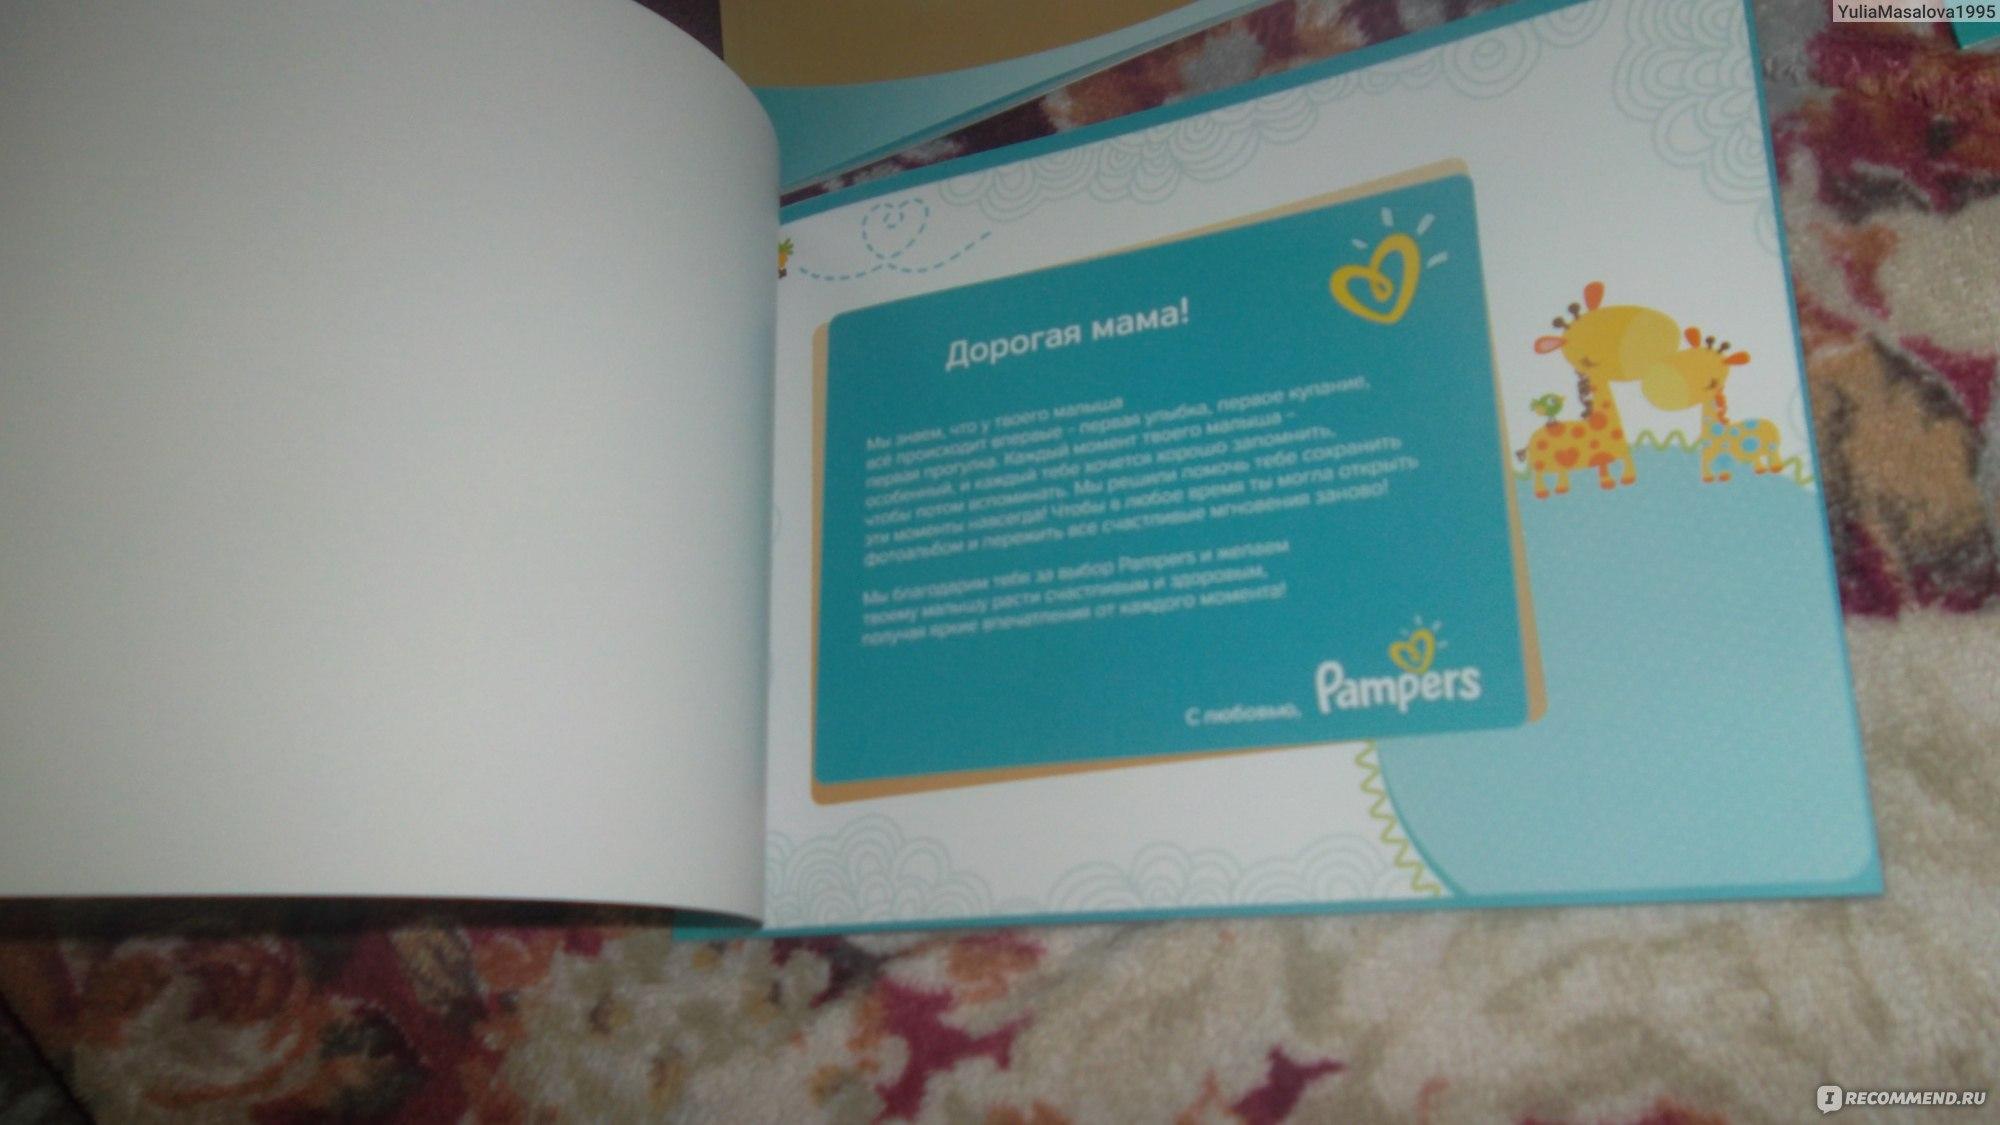 Фотоальбом от памперс в подарок